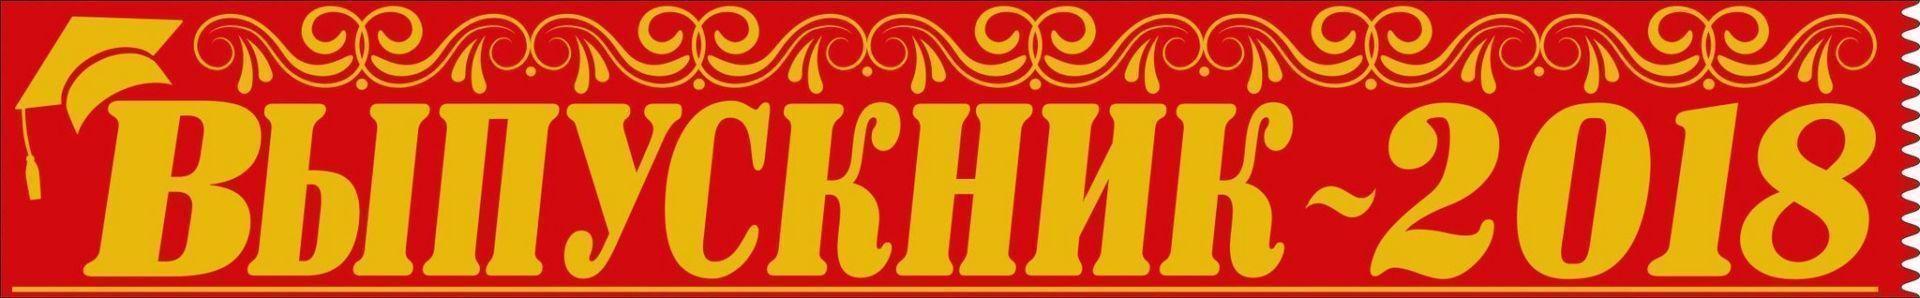 Лента красная Выпускник-2018Ленты<br>Длина ленты 180 см.Материал: текстиль.<br><br>Год: 2018<br>Высота: 100<br>Ширина: 1800<br>Толщина: 1